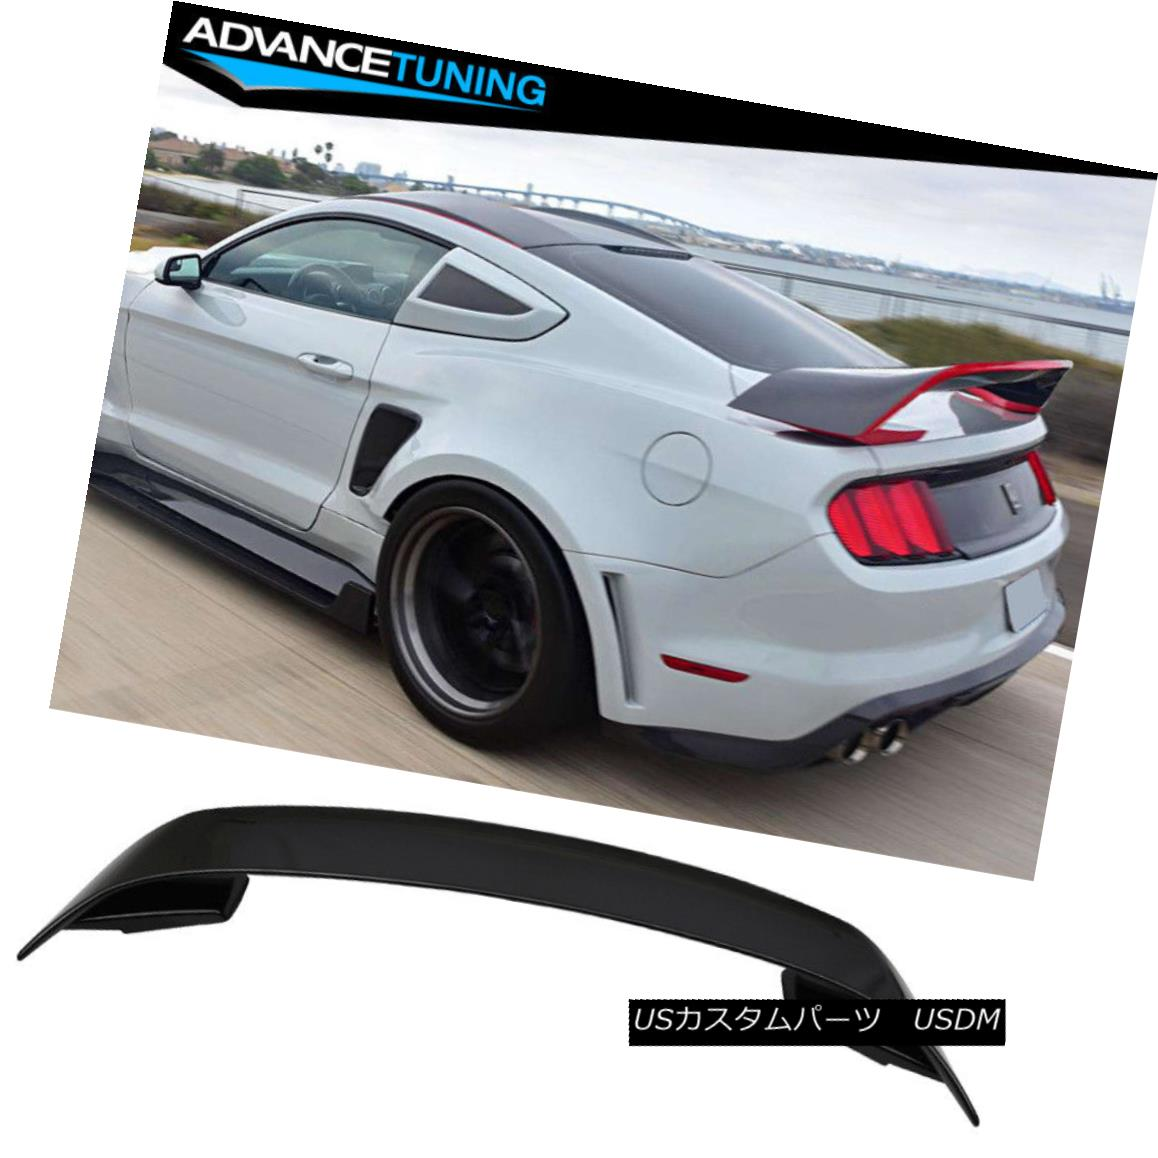 エアロパーツ 15-18 Ford Mustang GT350 Style V2 Rear Black Trunk ABS Spoiler Wing 2015 2016 15-18フォードマスタングGT350スタイルV2リアブラックトランクABSスポイラーウィング2015 2016